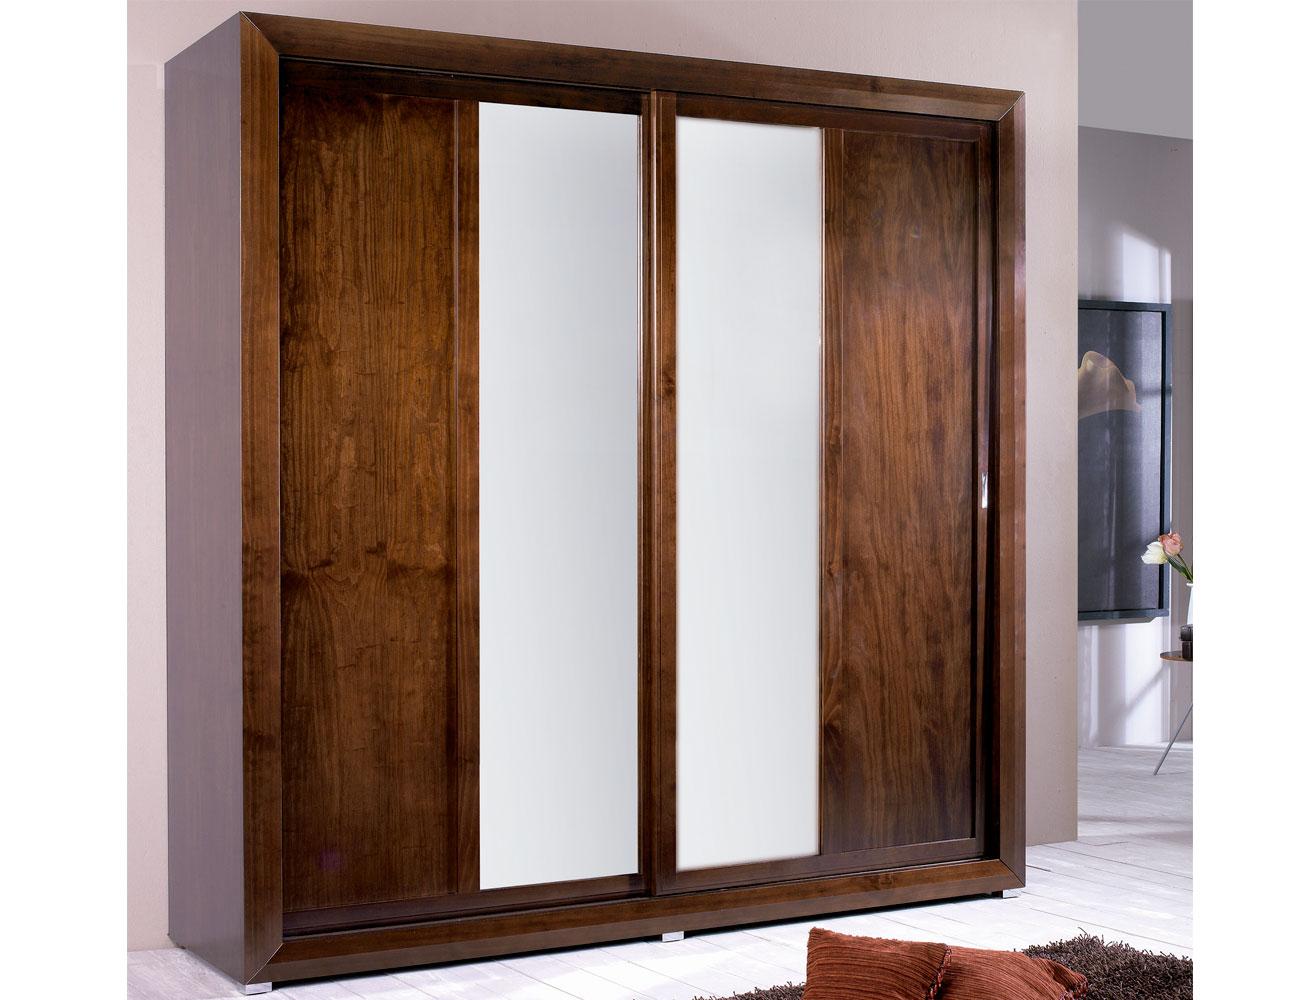 Armario puertas correderas luna madera composicion26